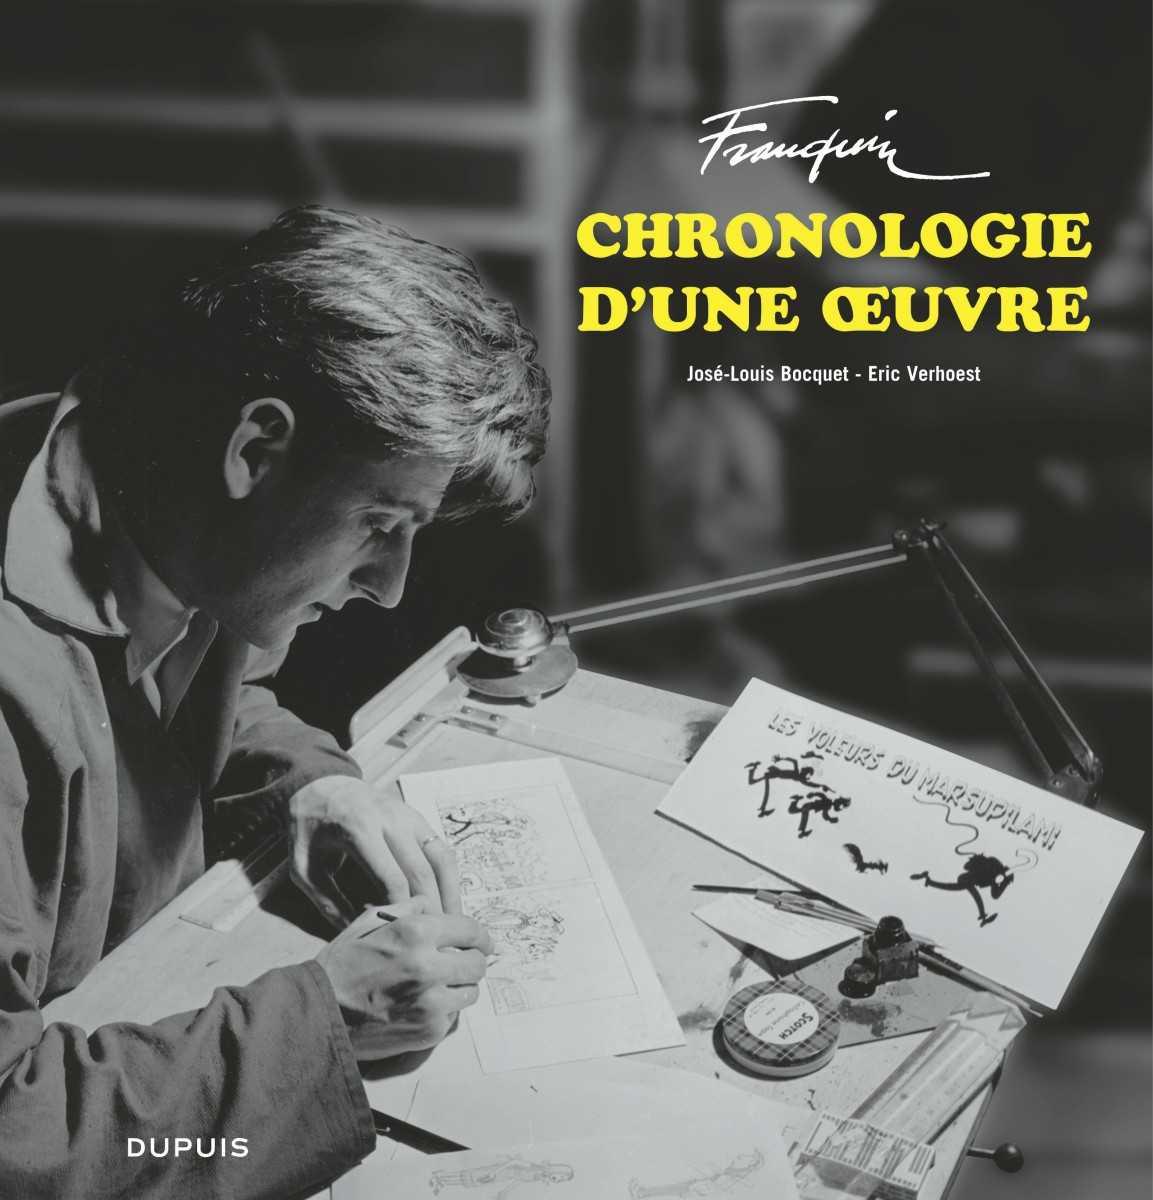 Franquin, chronologie d'une œuvre, voyage au pays d'un gentil génie